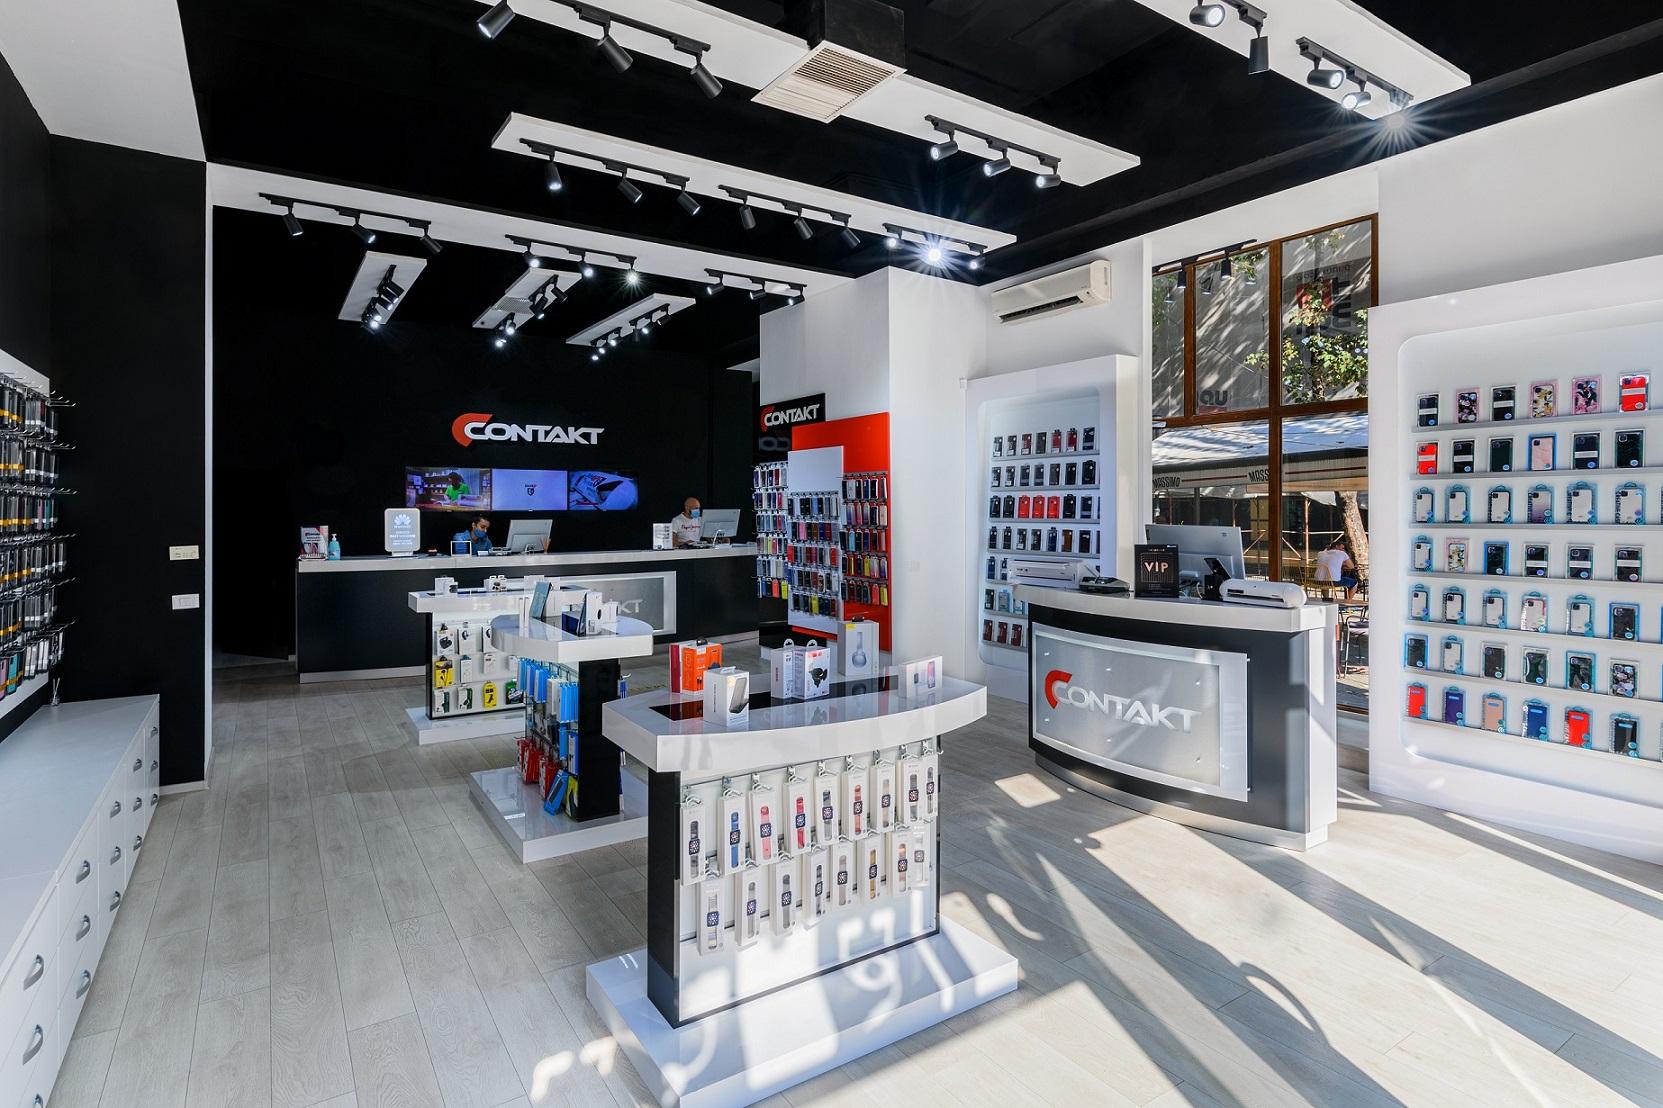 Retailerul Contakt lansează un brand propriu de accesorii pentru telefoane